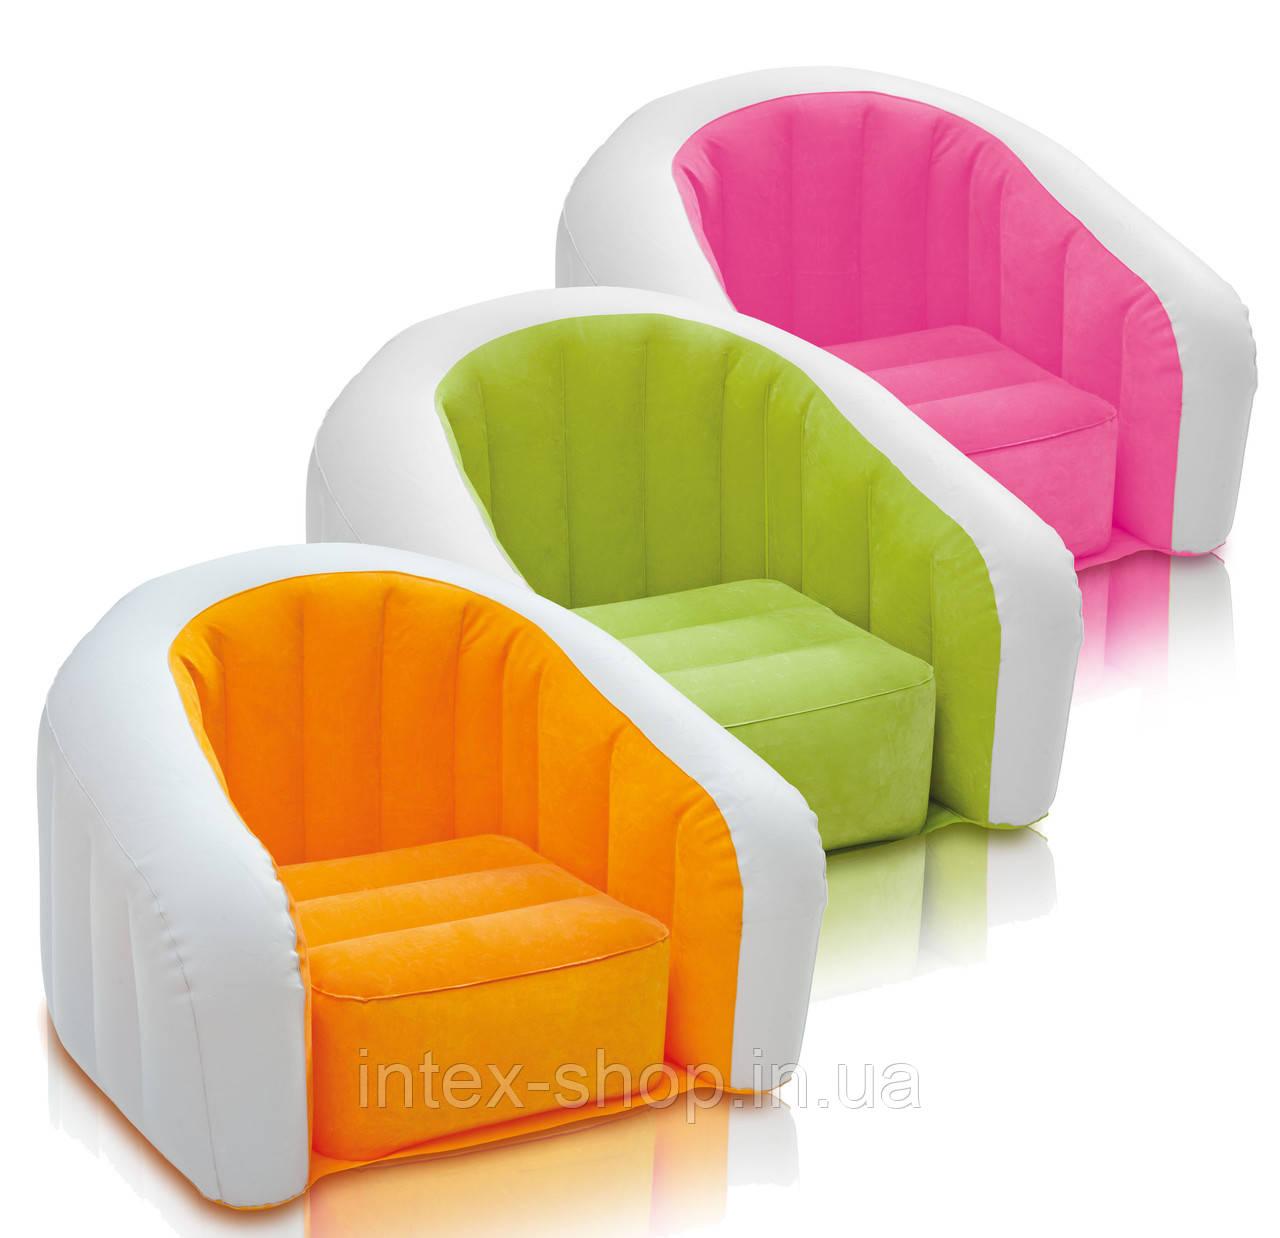 Детское надувное кресло intex 68597 (Зеленый)